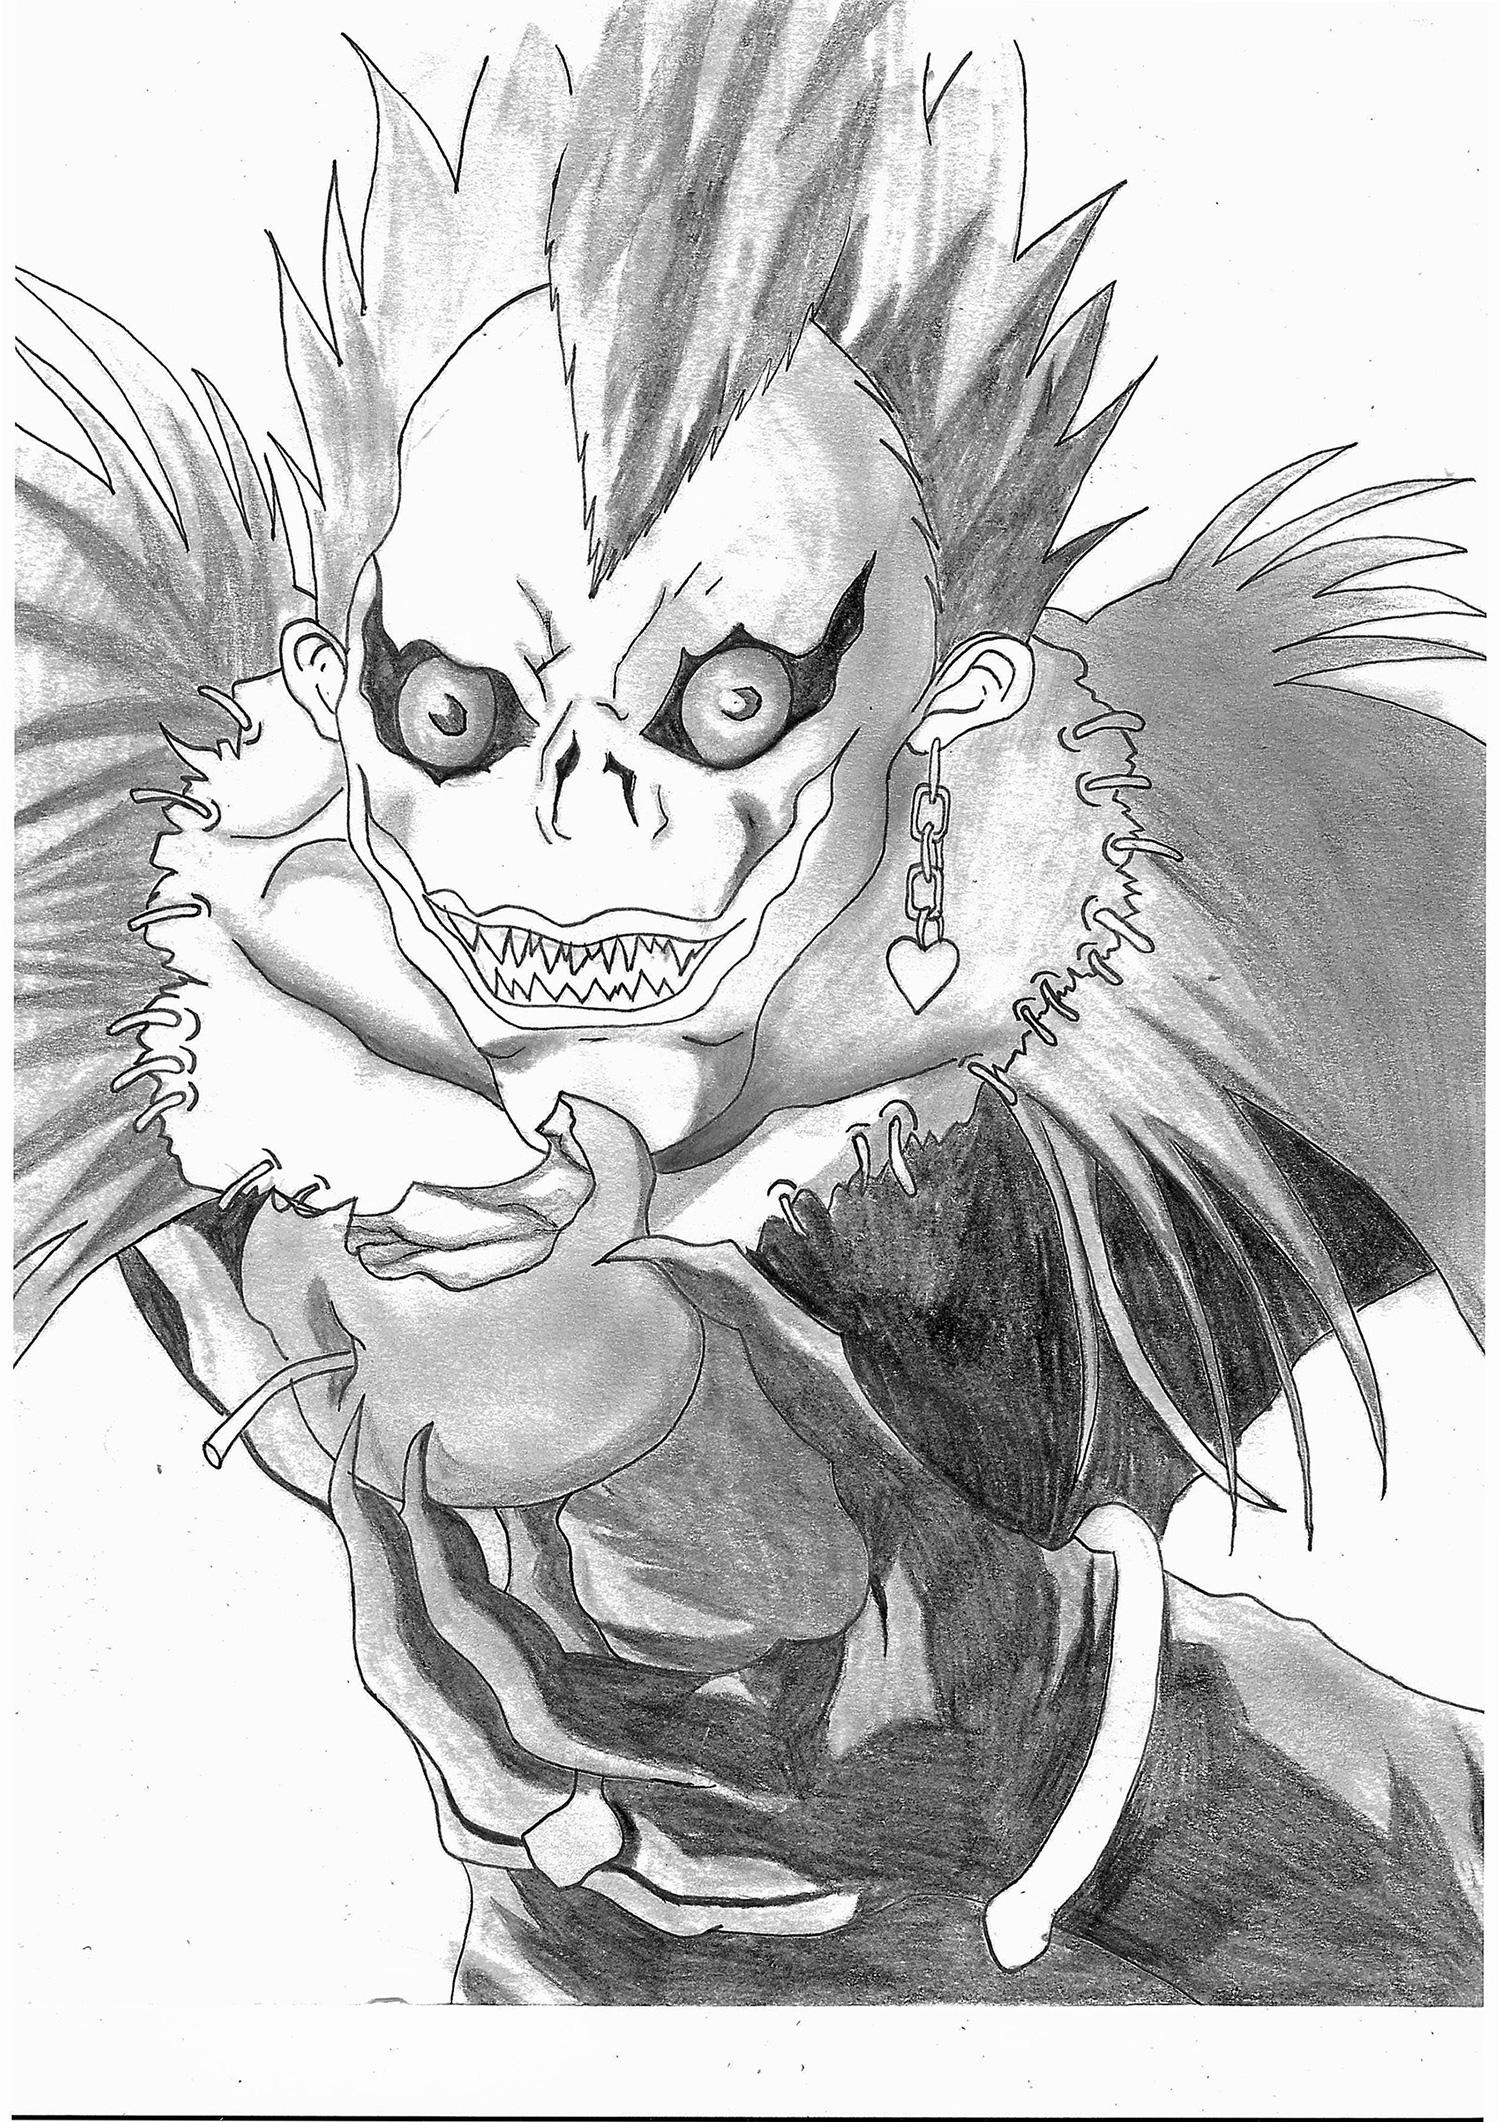 Tutoriel manga tutosmangapersos archives just color coloriages difficiles pour adultes - Coloriage manga difficile ...